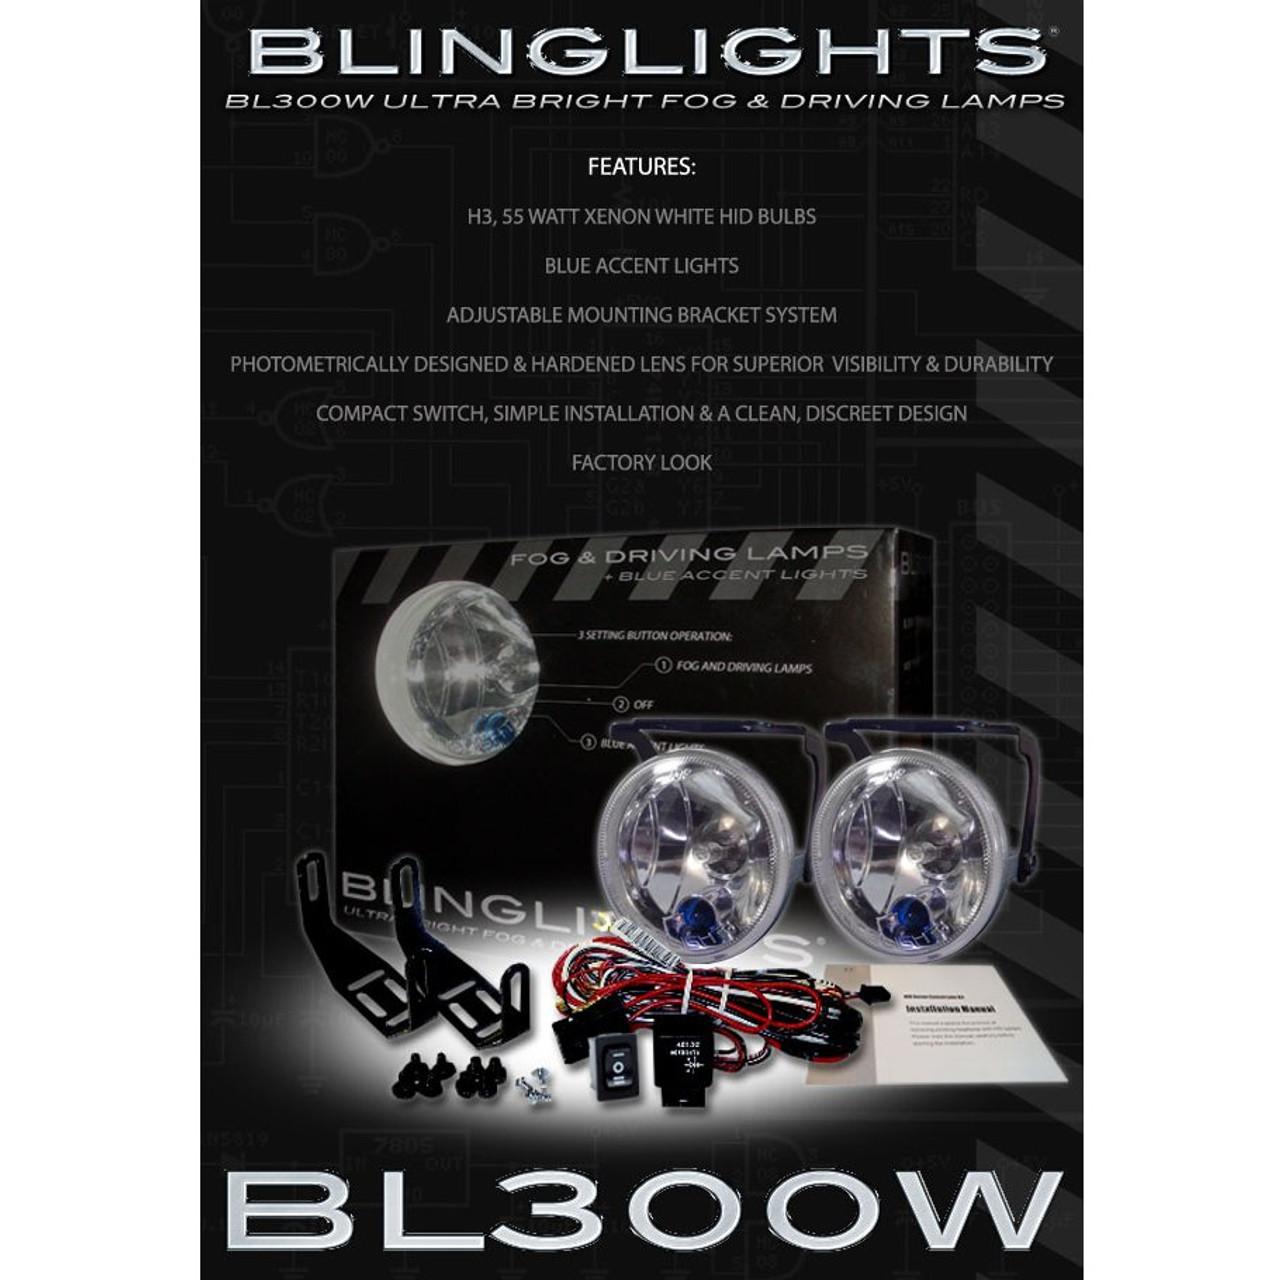 2012 2013 2014 Toyota Vitz Xenon Foglamps Drivinglights Kit XP90 XP130 Set